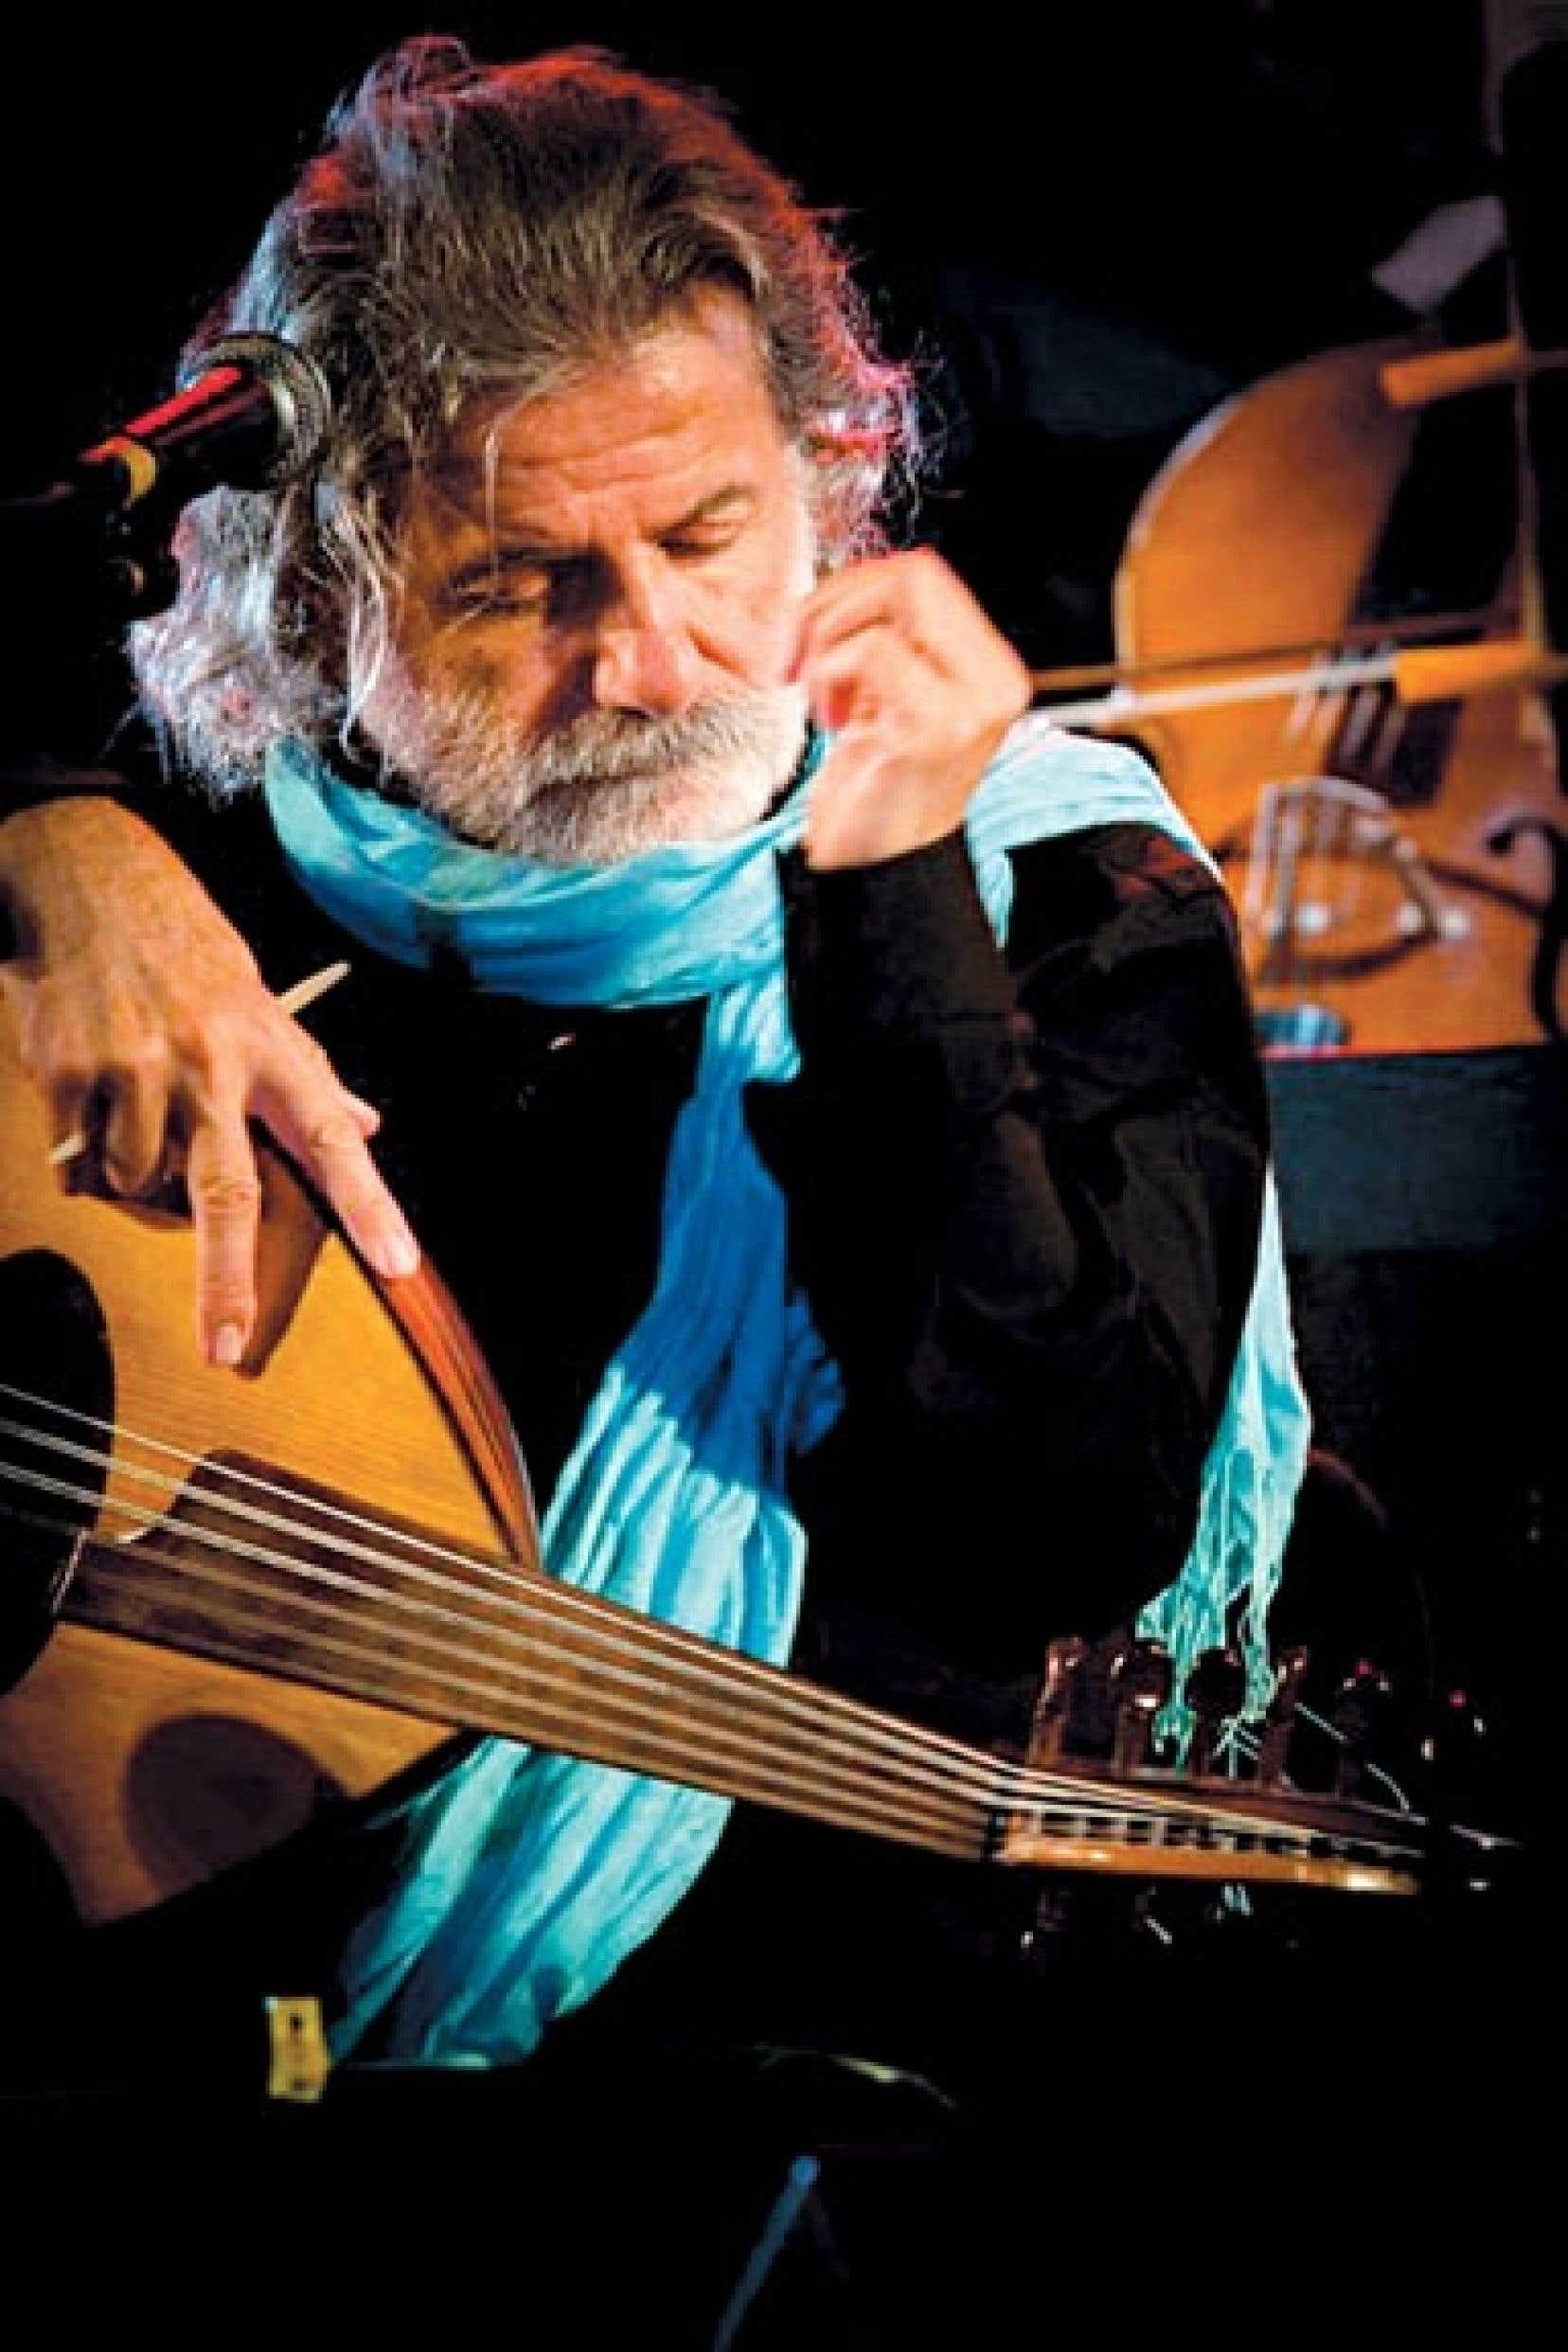 <div> Oudiste, compositeur, interprète et véritable héros national au Liban, Khalifé a créé des hymnes populaires outre-frontières.</div>